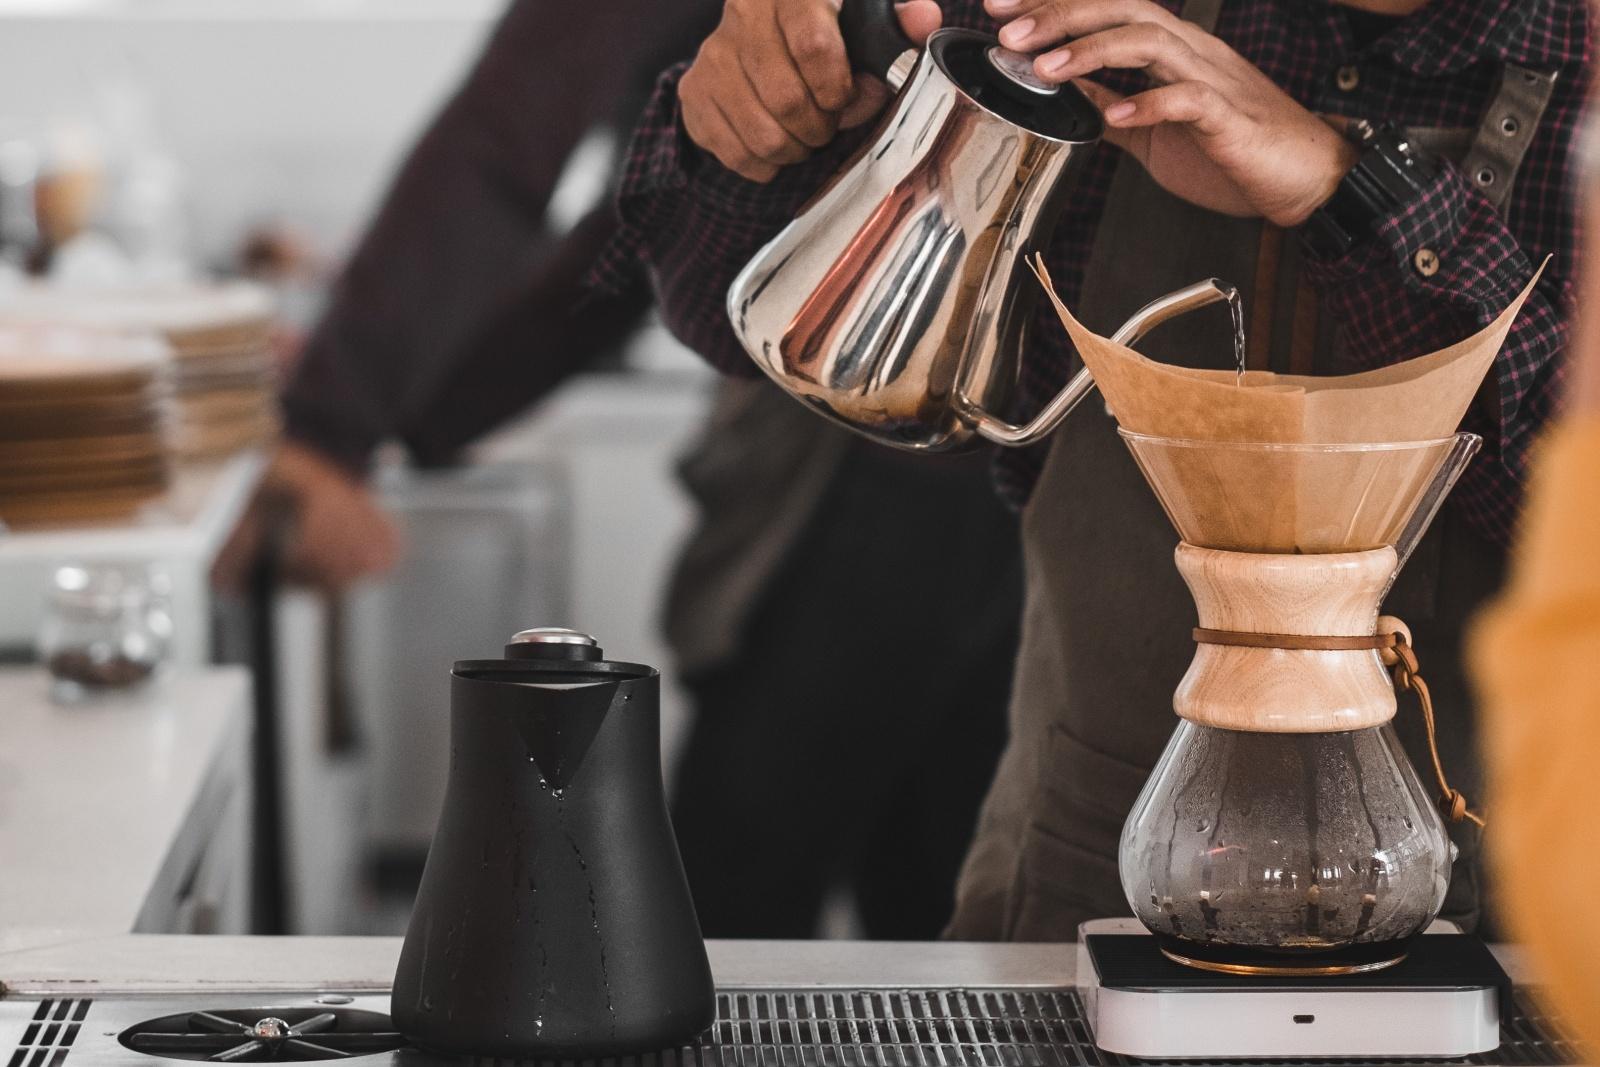 美味しかったおすすめコーヒー豆リスト 自宅コーヒー好きが選ぶ